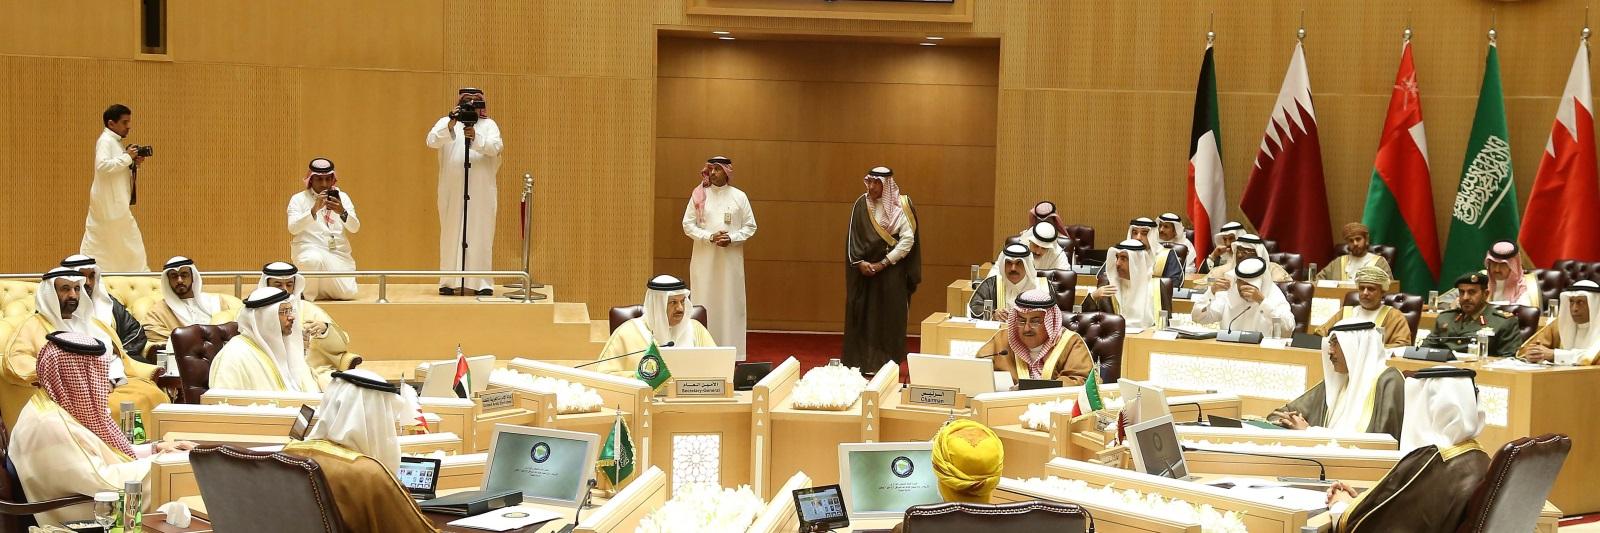 صورة قمة حفظ ماء الوجه الخليجية في الكويت؟